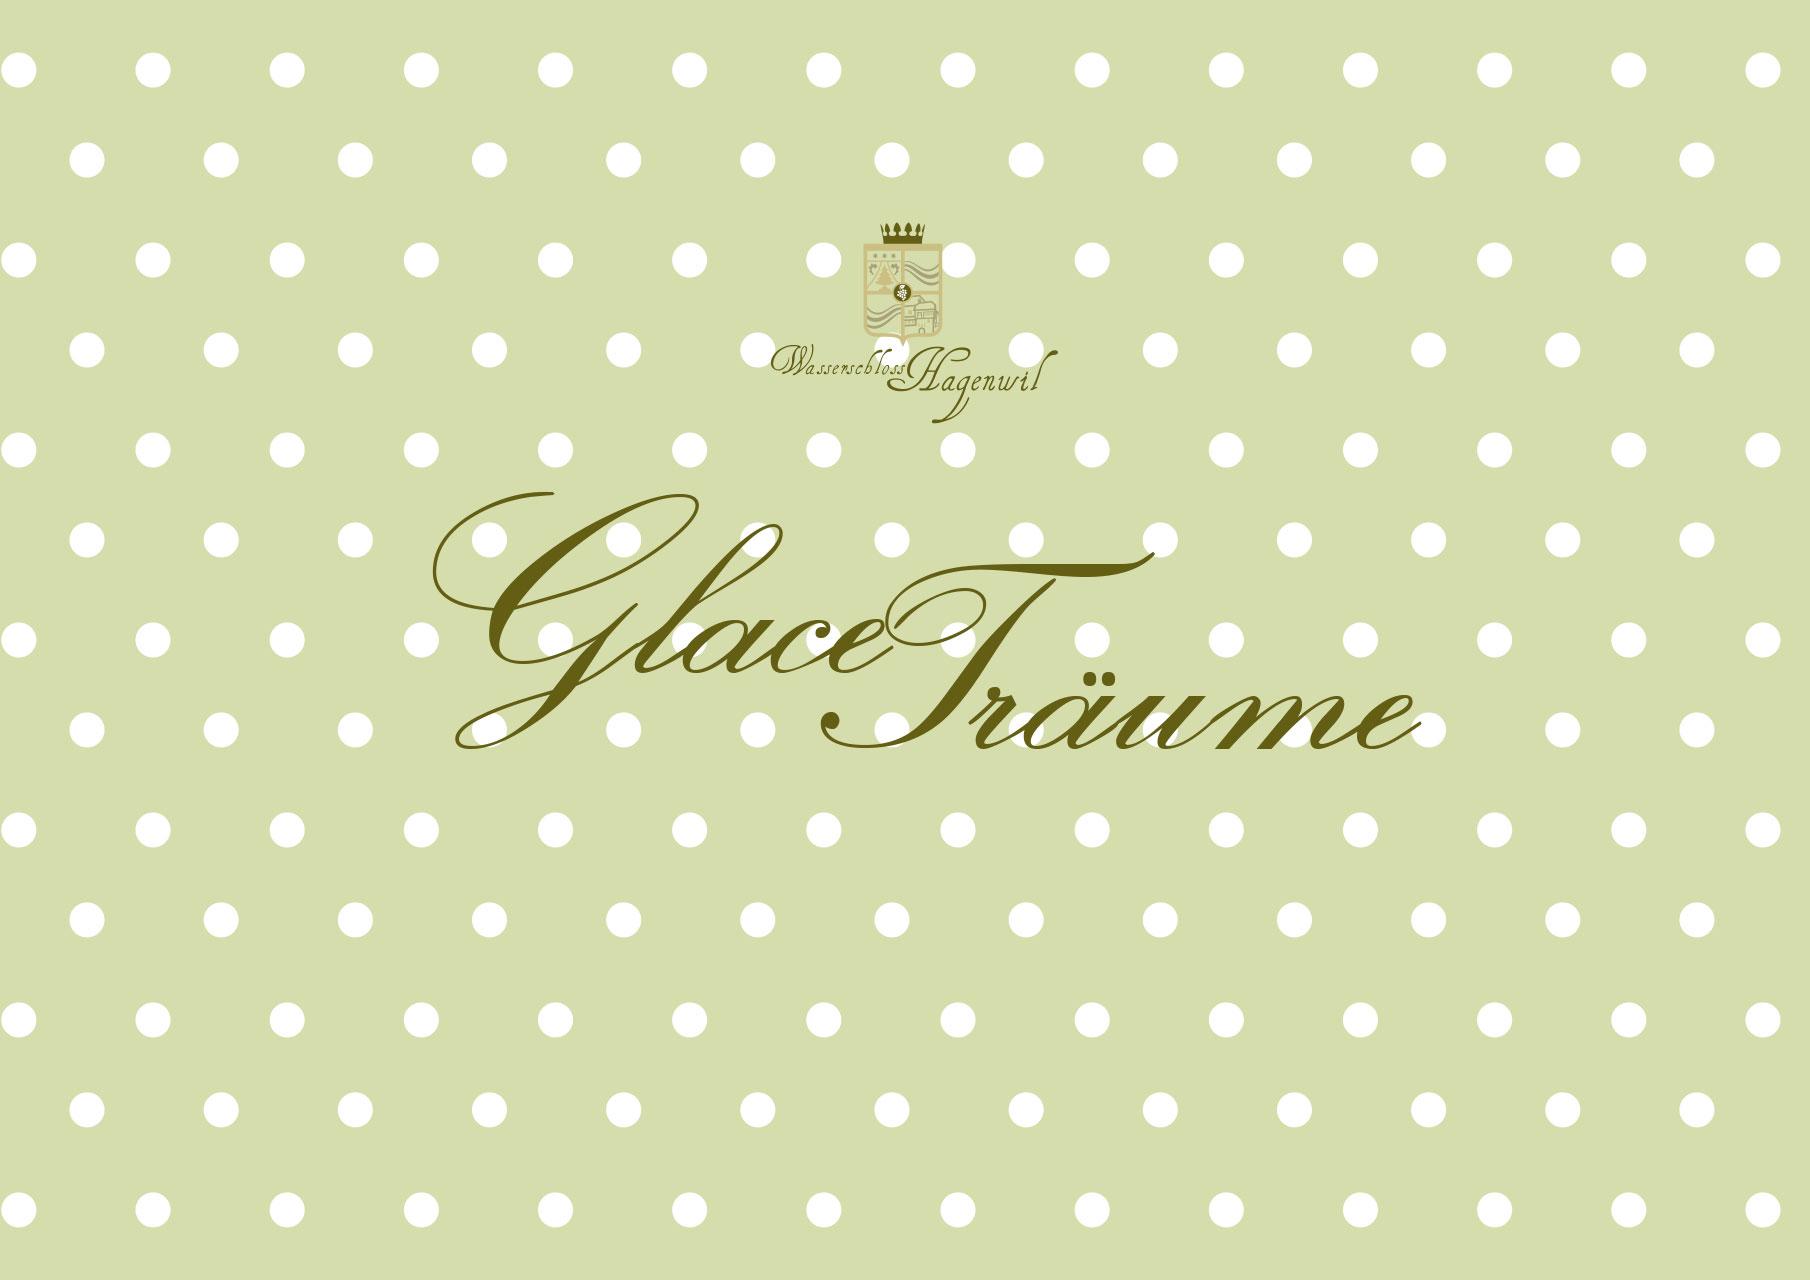 SH_Glacekarte.jpg